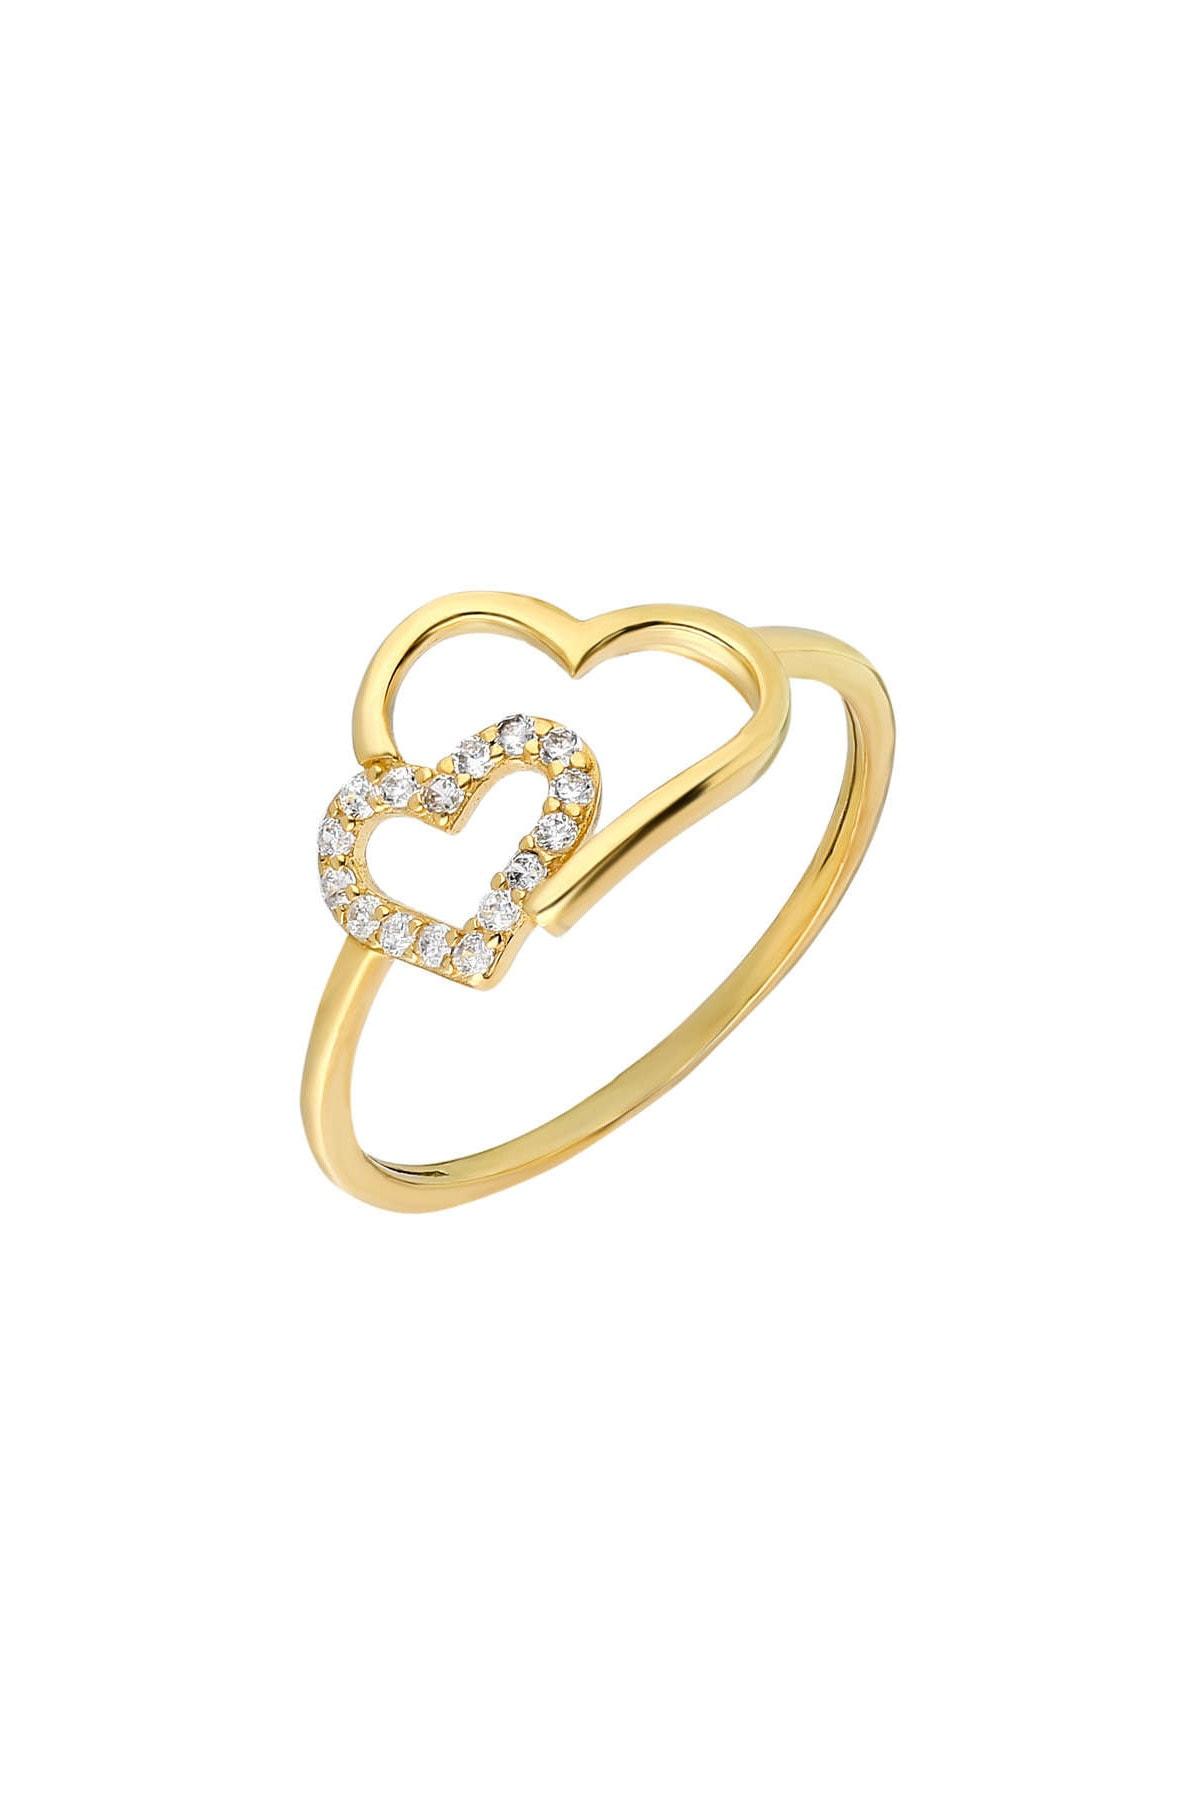 Tesbihane Zirkon Taşlı Asimetrik Kalp Tasarım Gold Renk 925 Ayar Gümüş Bayan Yüzük 102001710 2